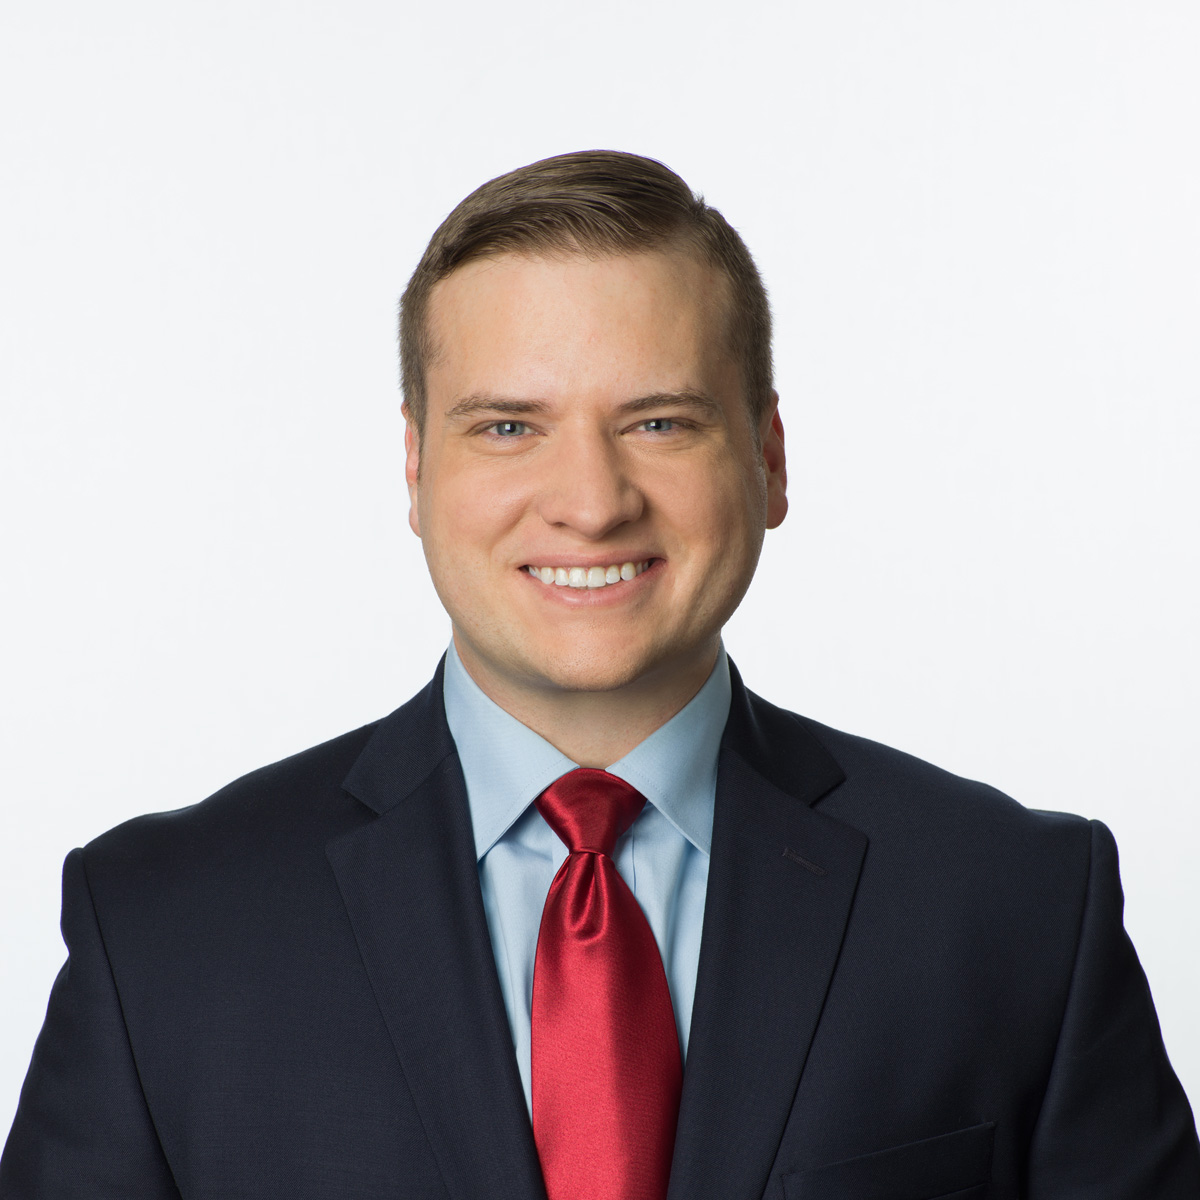 Brett Polen